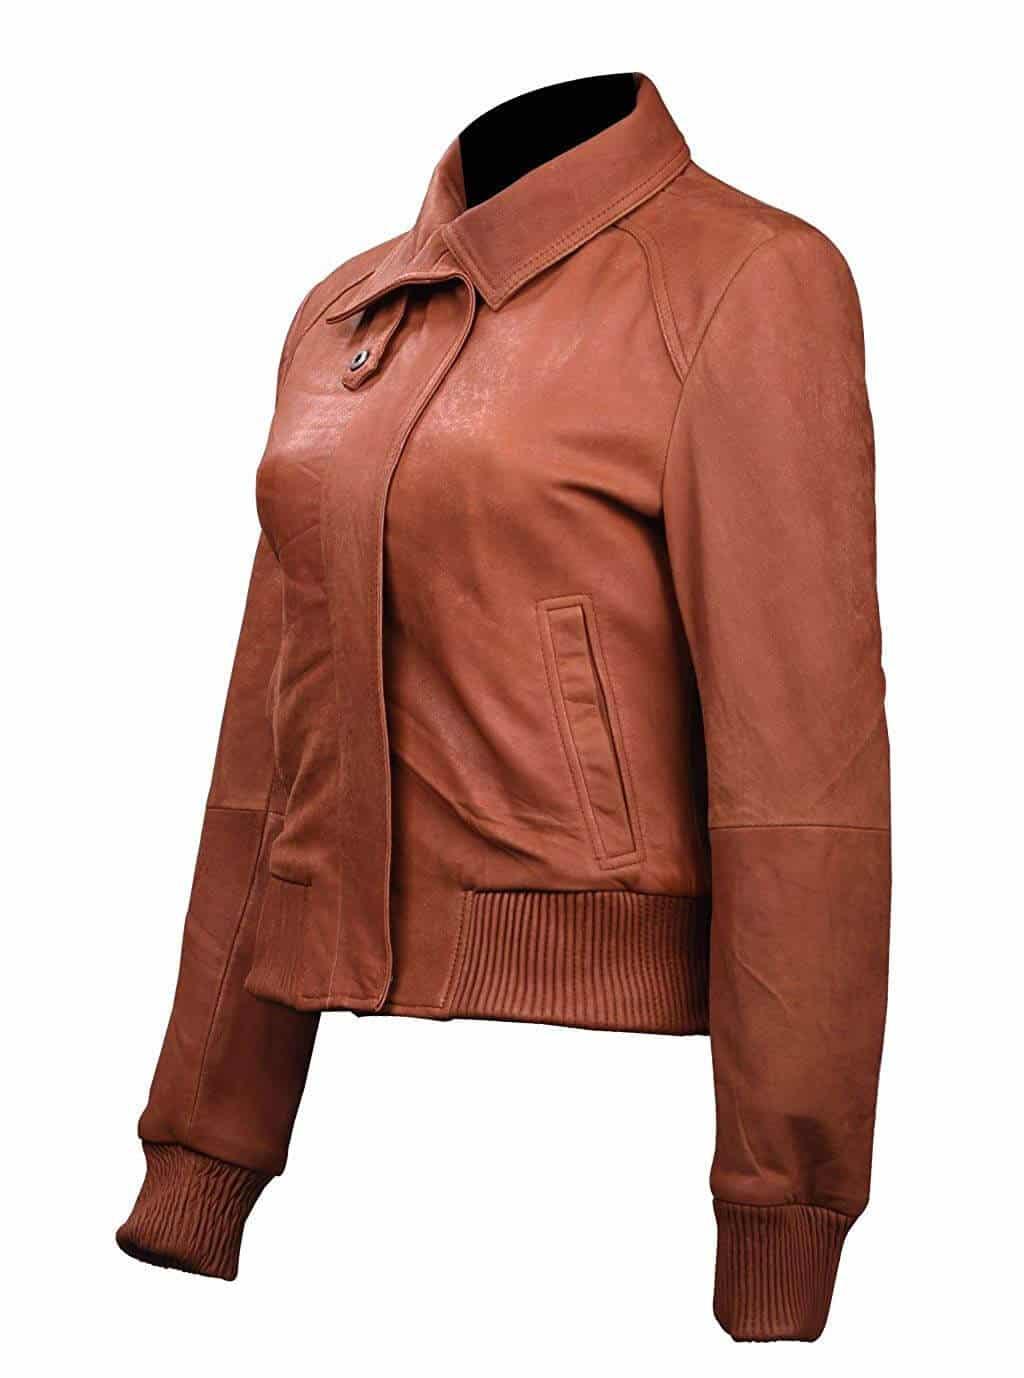 Jaket Bomber Wanita dari Bahan Kulit Aneka Model Terbaru nan Keren